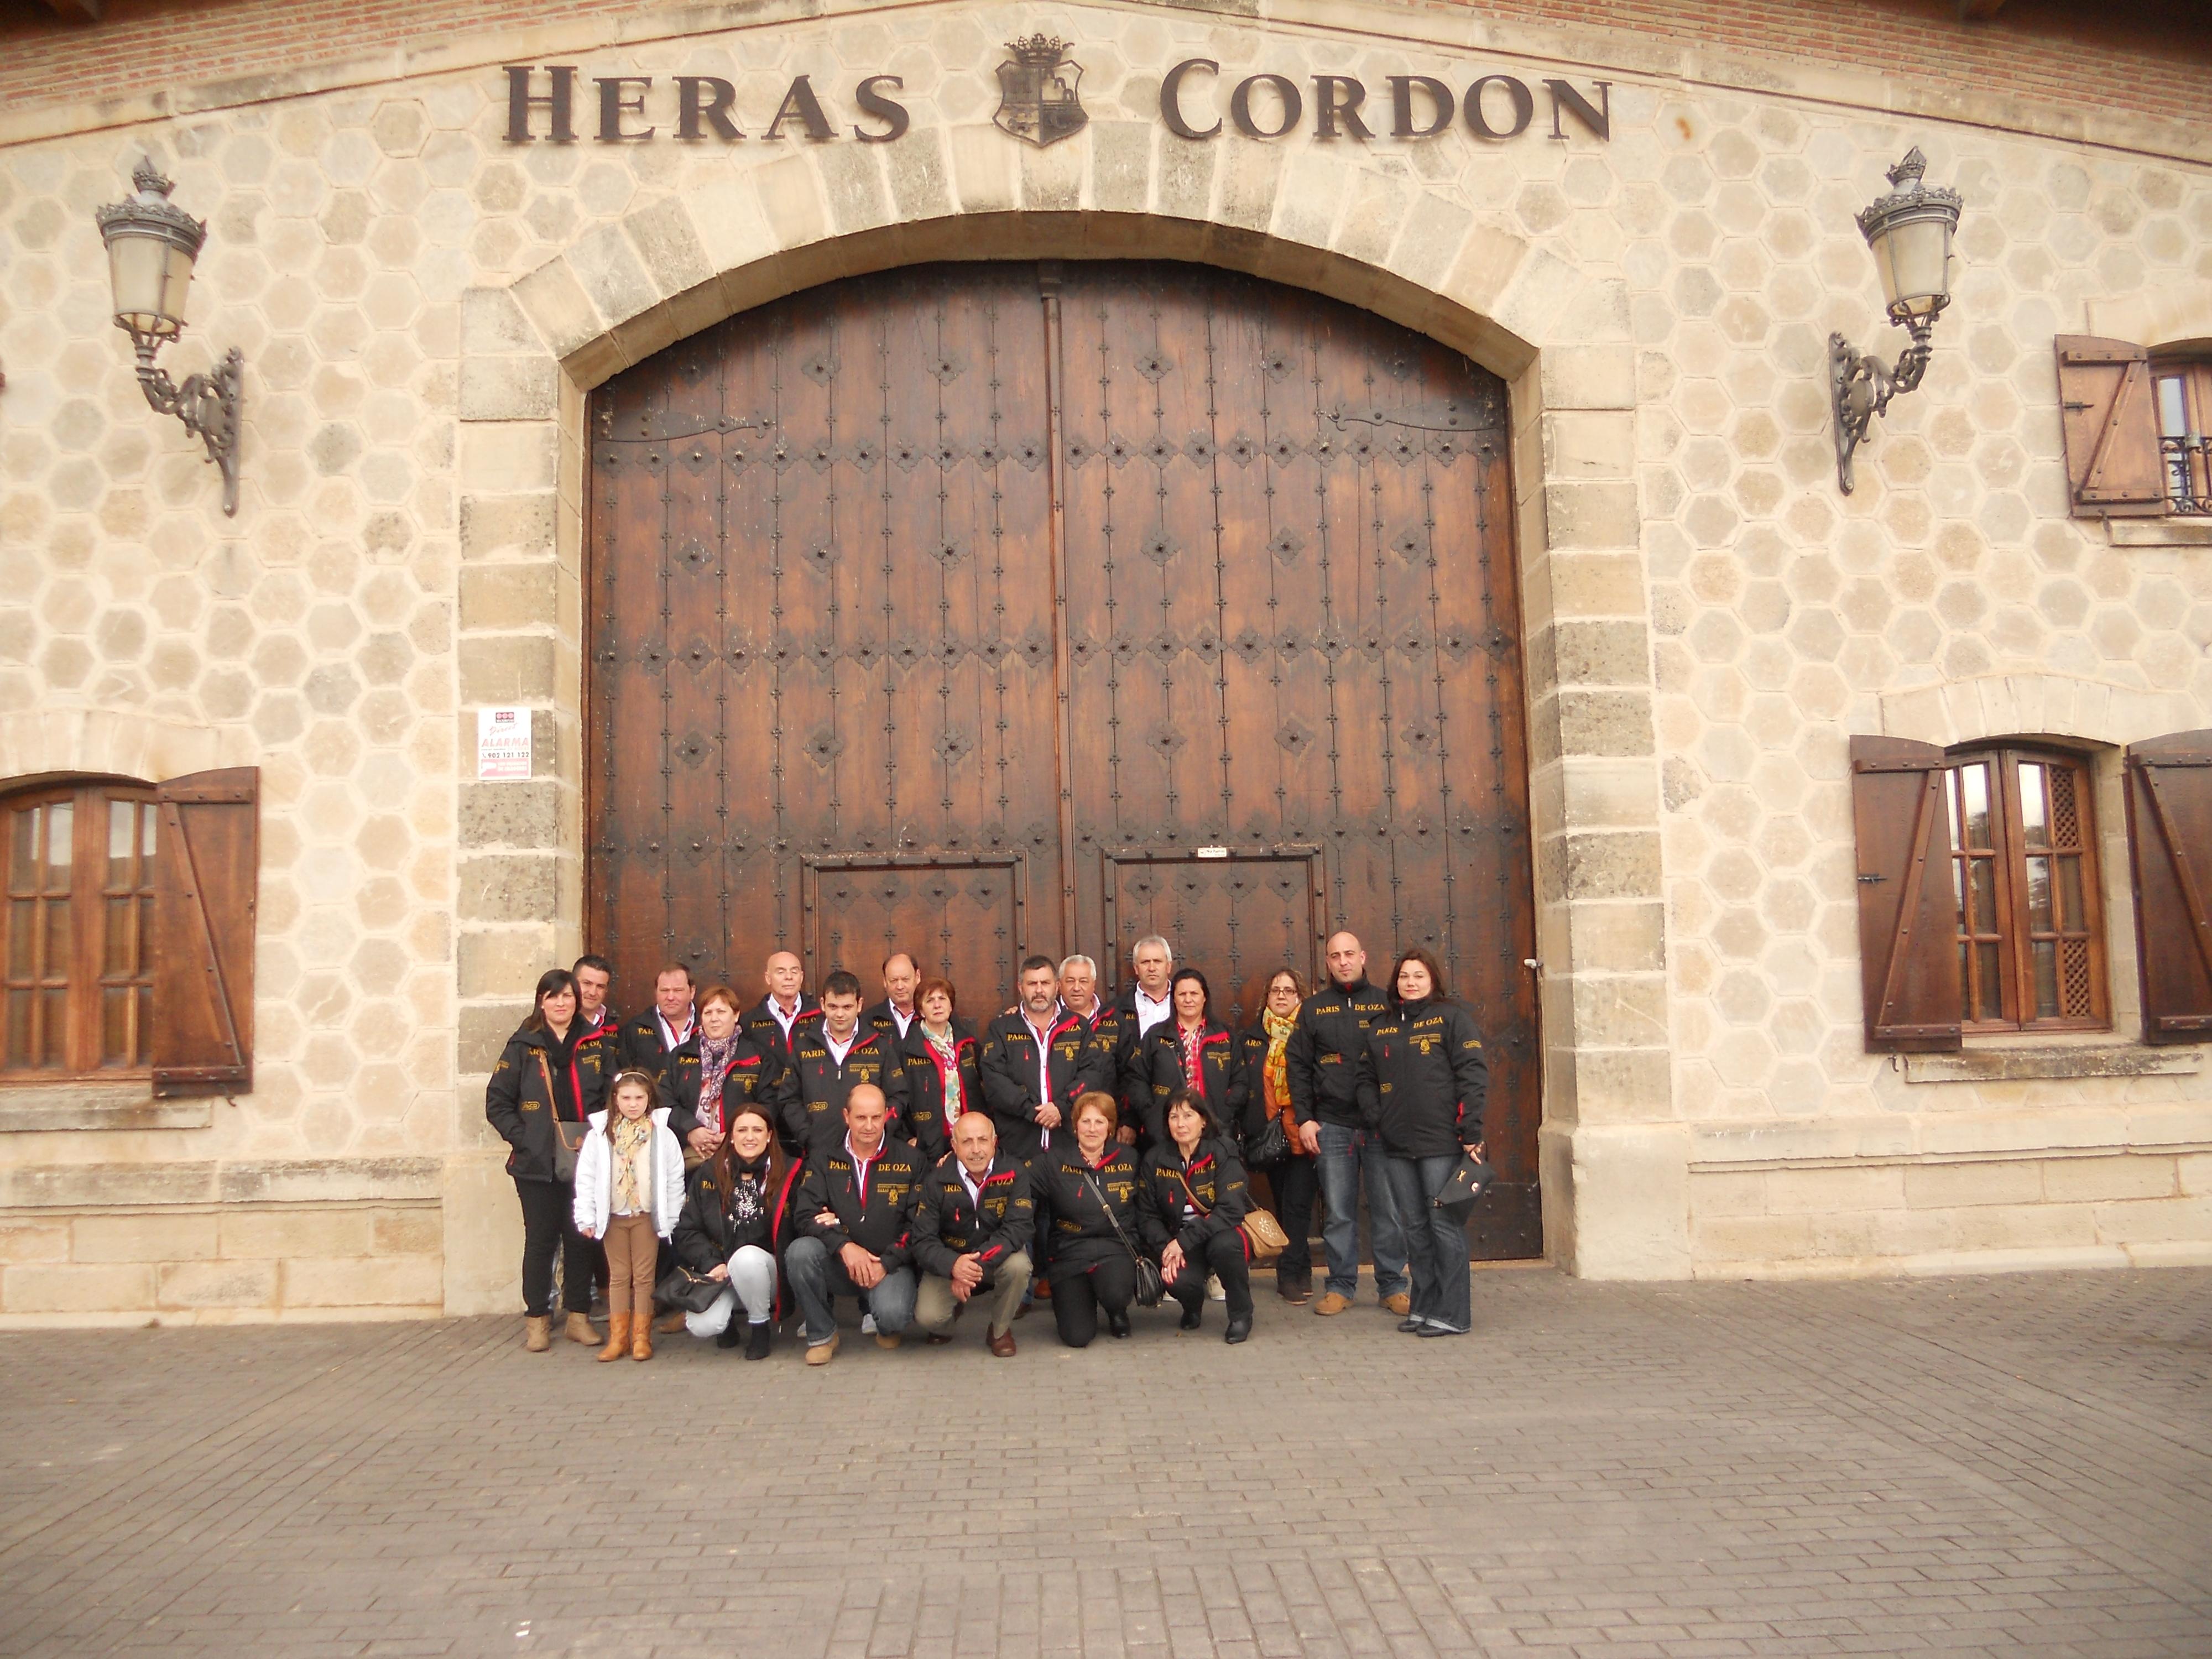 Visitando la Bodega Heras Cordón con Orquesta Paris de Oza